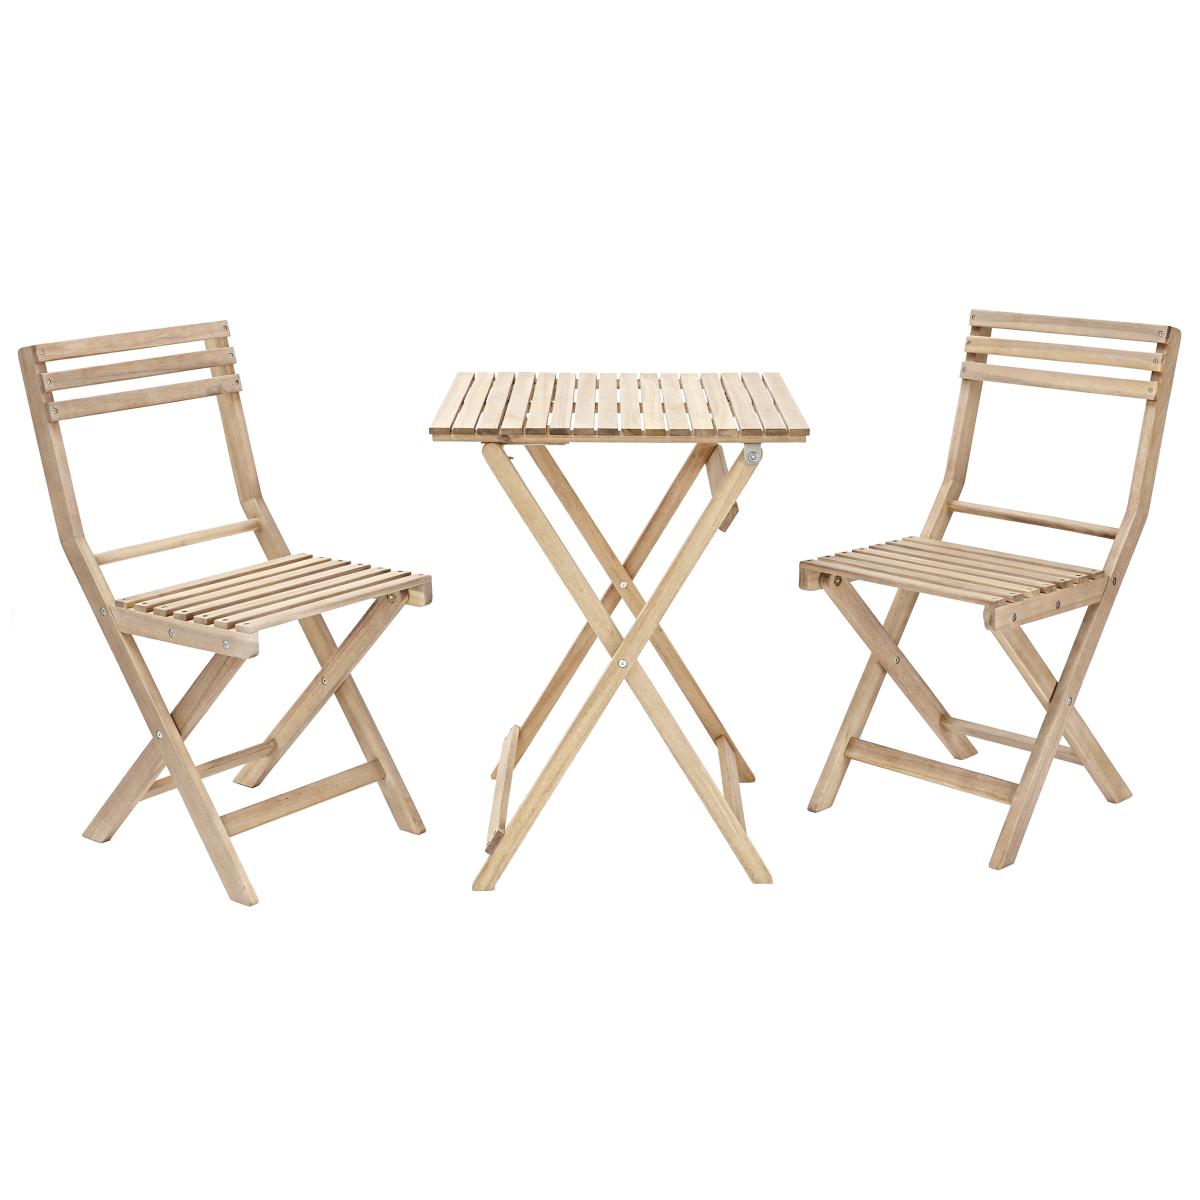 Набор садовой мебели Naterial Origami складной акация стол и 2 стула